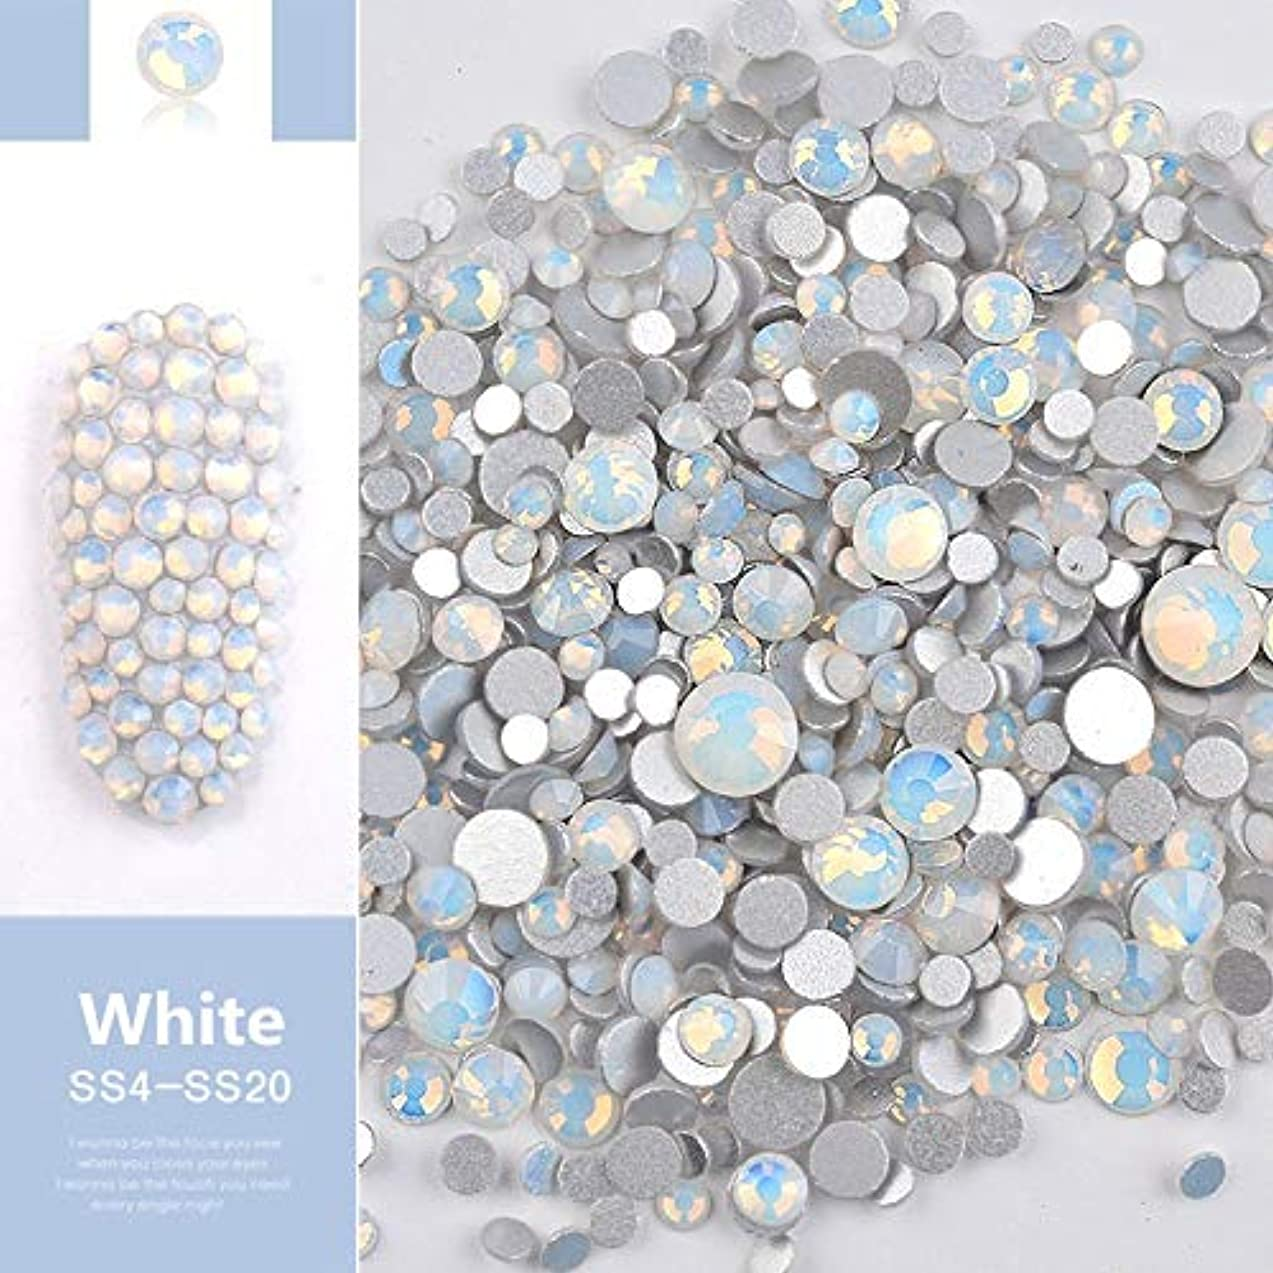 まっすぐクレタ局Tianmey ビーズ樹脂クリスタルラウンドネイルアートミックスフラットバックアクリルラインストーンミックスサイズ1.5-4.5 mm装飾用ネイル (Color : White)